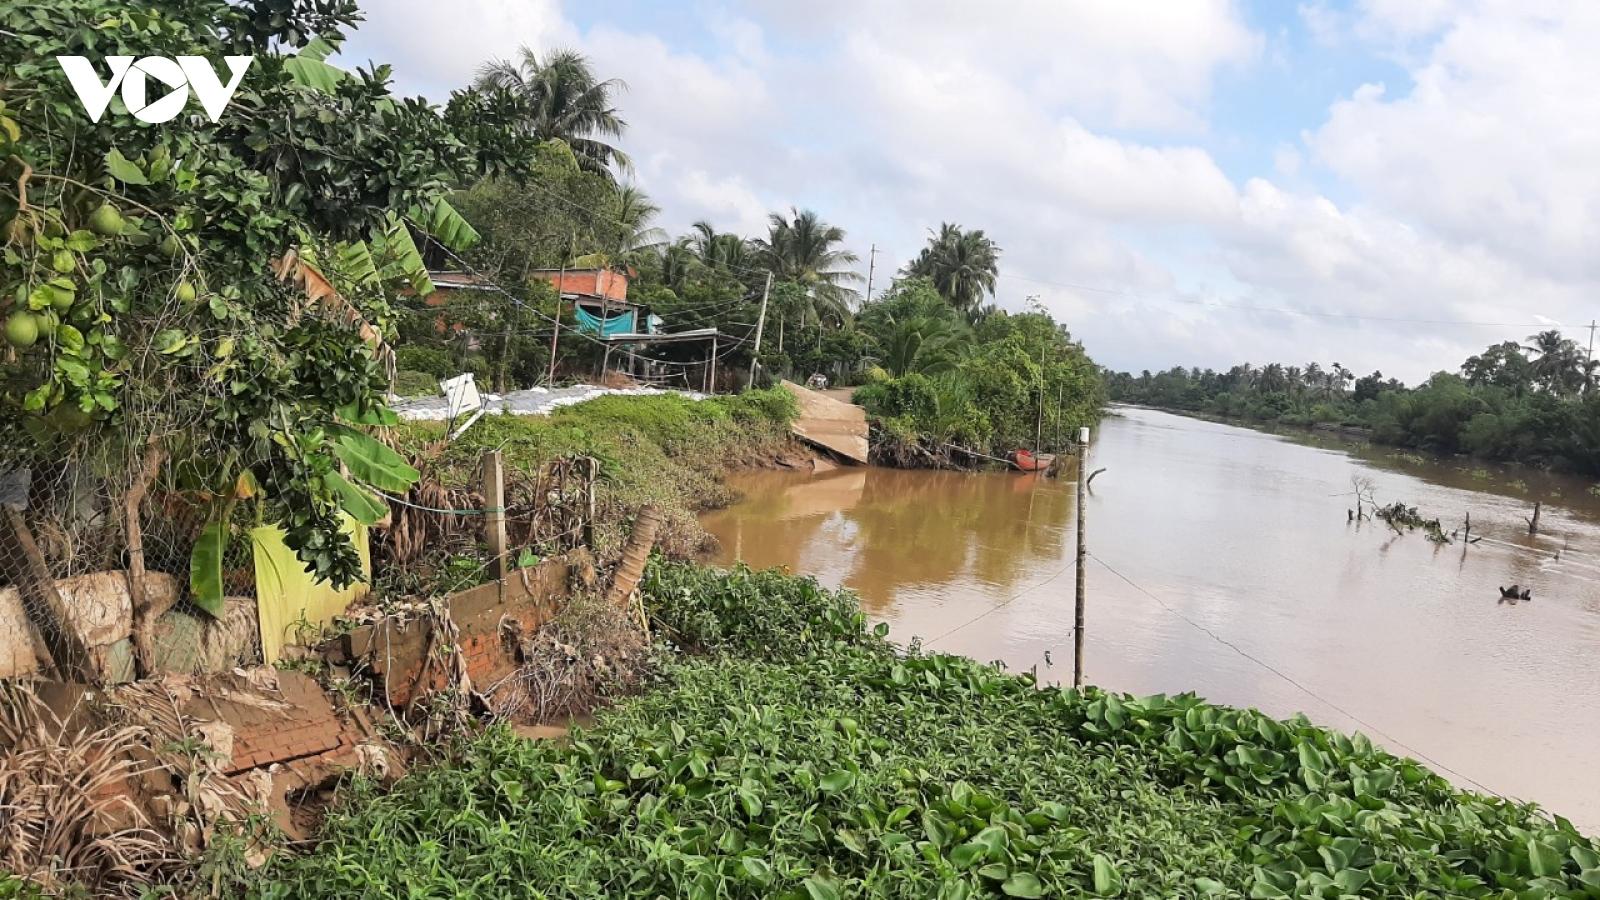 Nỗi lo sạt lở ven sông, rạch vào mùa mưa bão tại tỉnh Tiền Giang